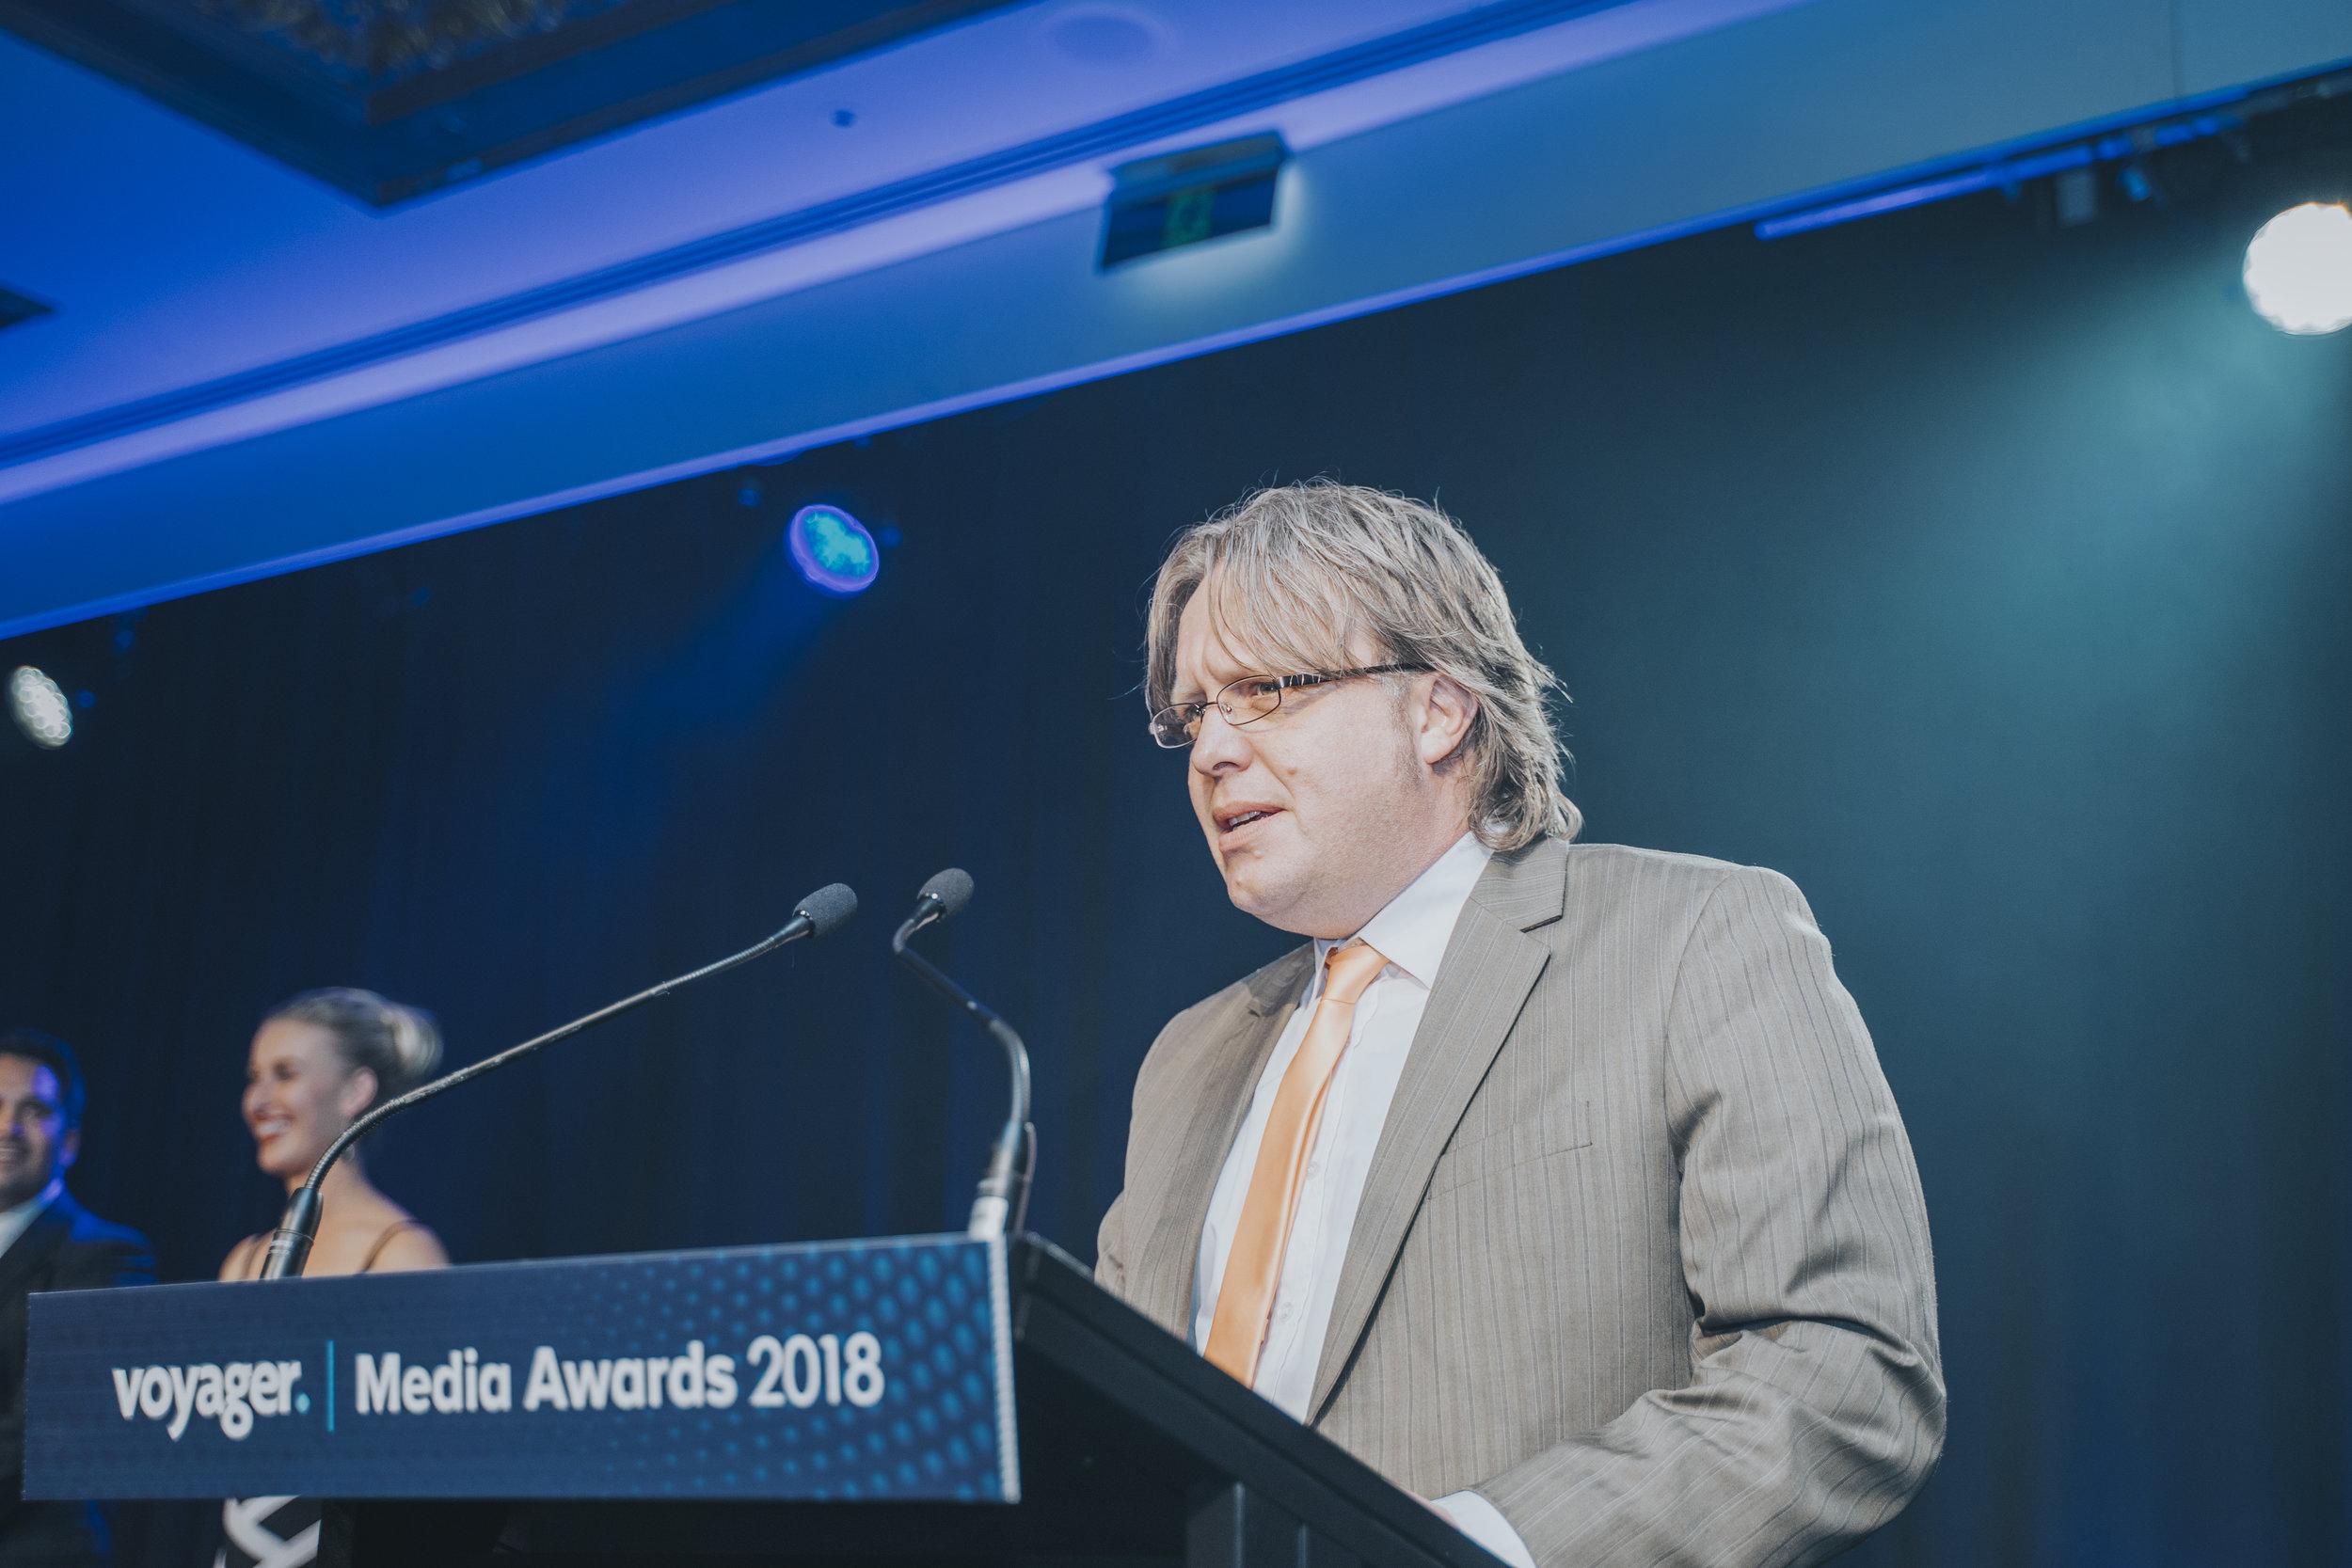 Voyager Media Awards 2018-345.JPG